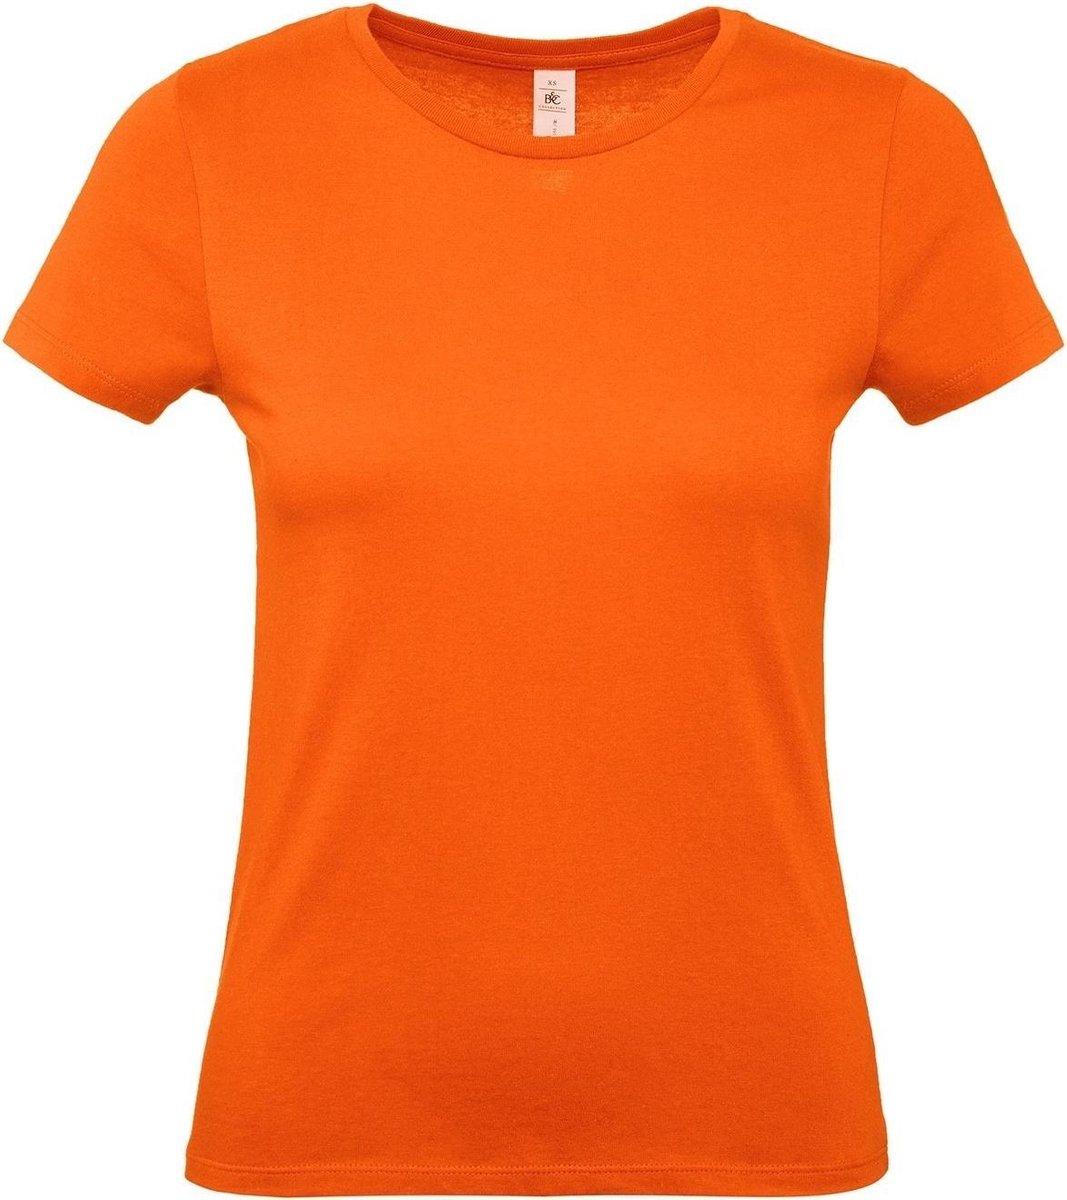 Oranje t-shirts met ronde hals voor dames - 100% katoen - Koningsdag / Nederland supporter XL (42)